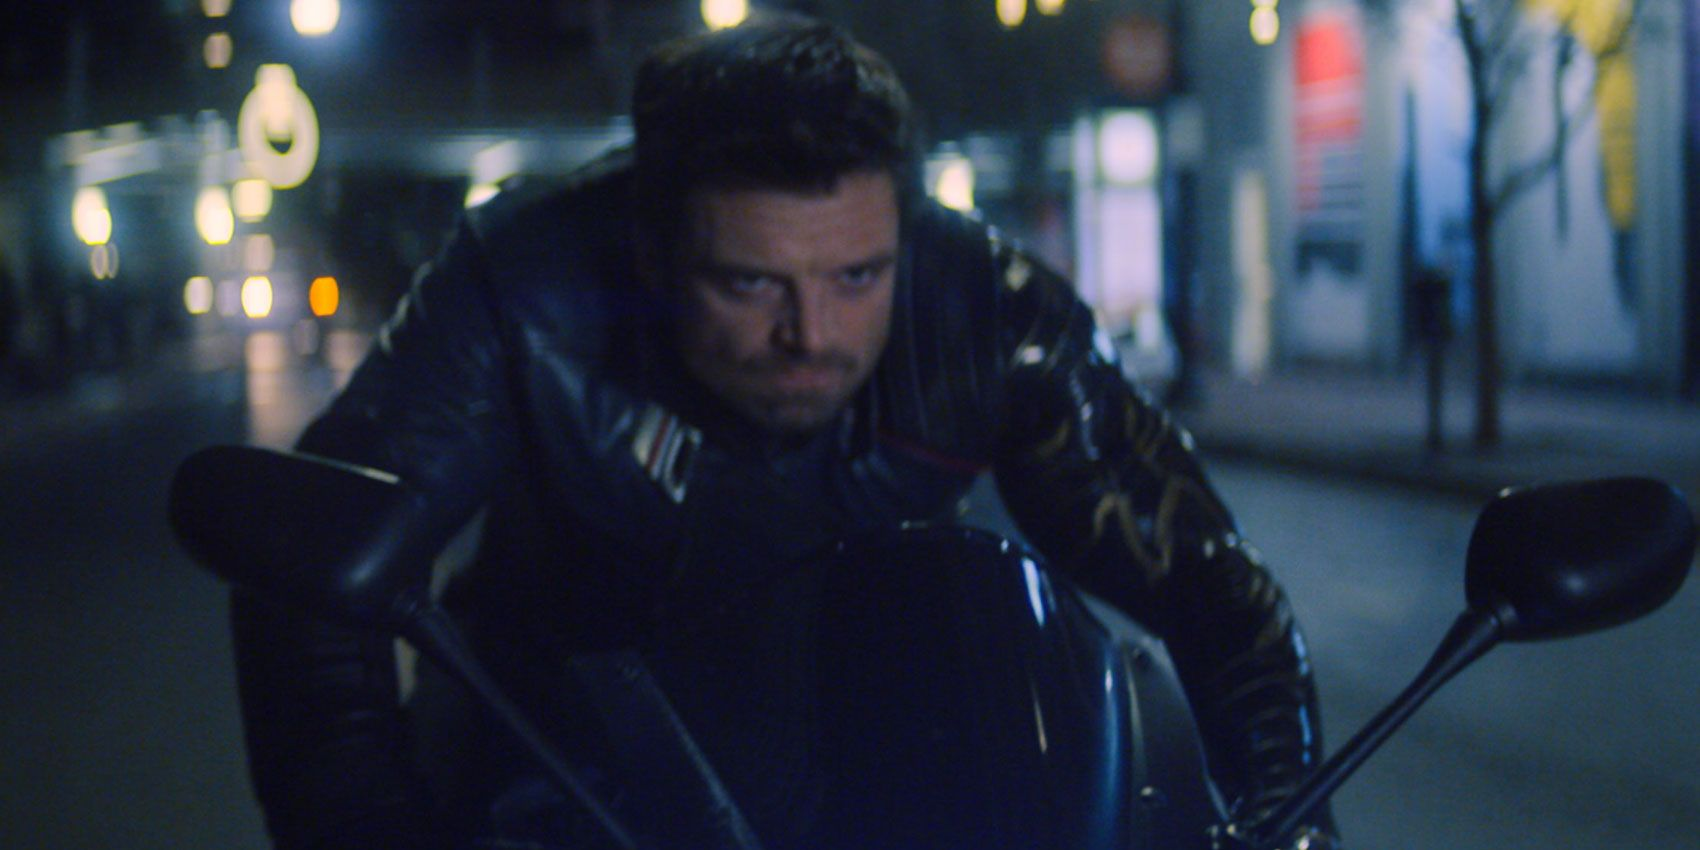 Sebastian Stan to Star in Apple's Sharper Alongside Julianne Moore